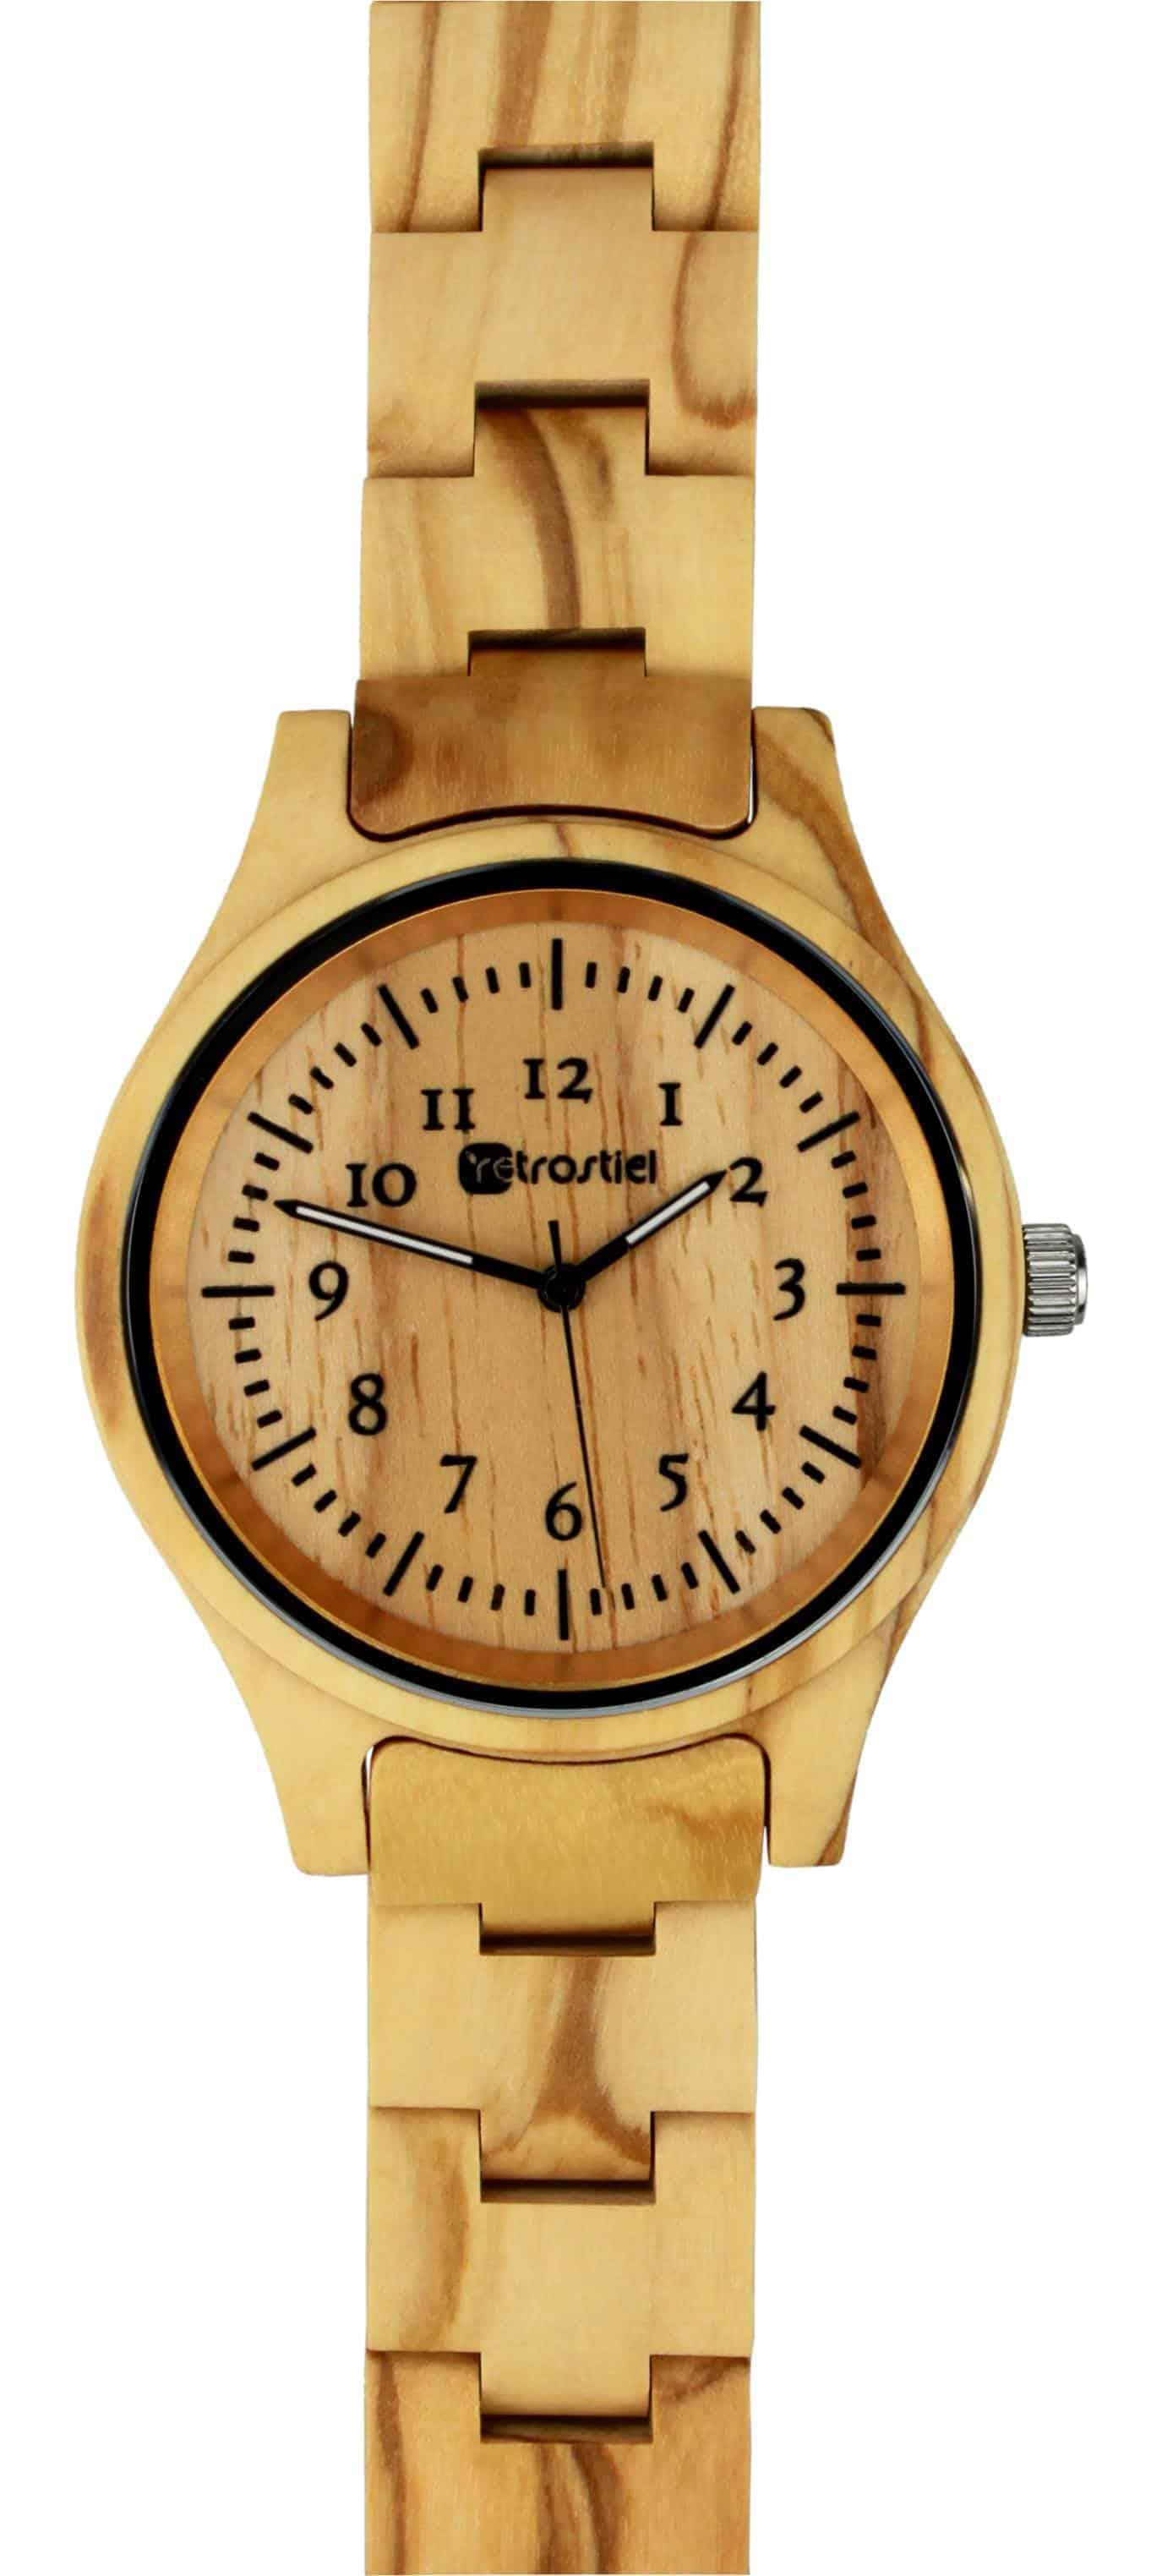 Armbanduhr aus Holz - Pompeji Olive